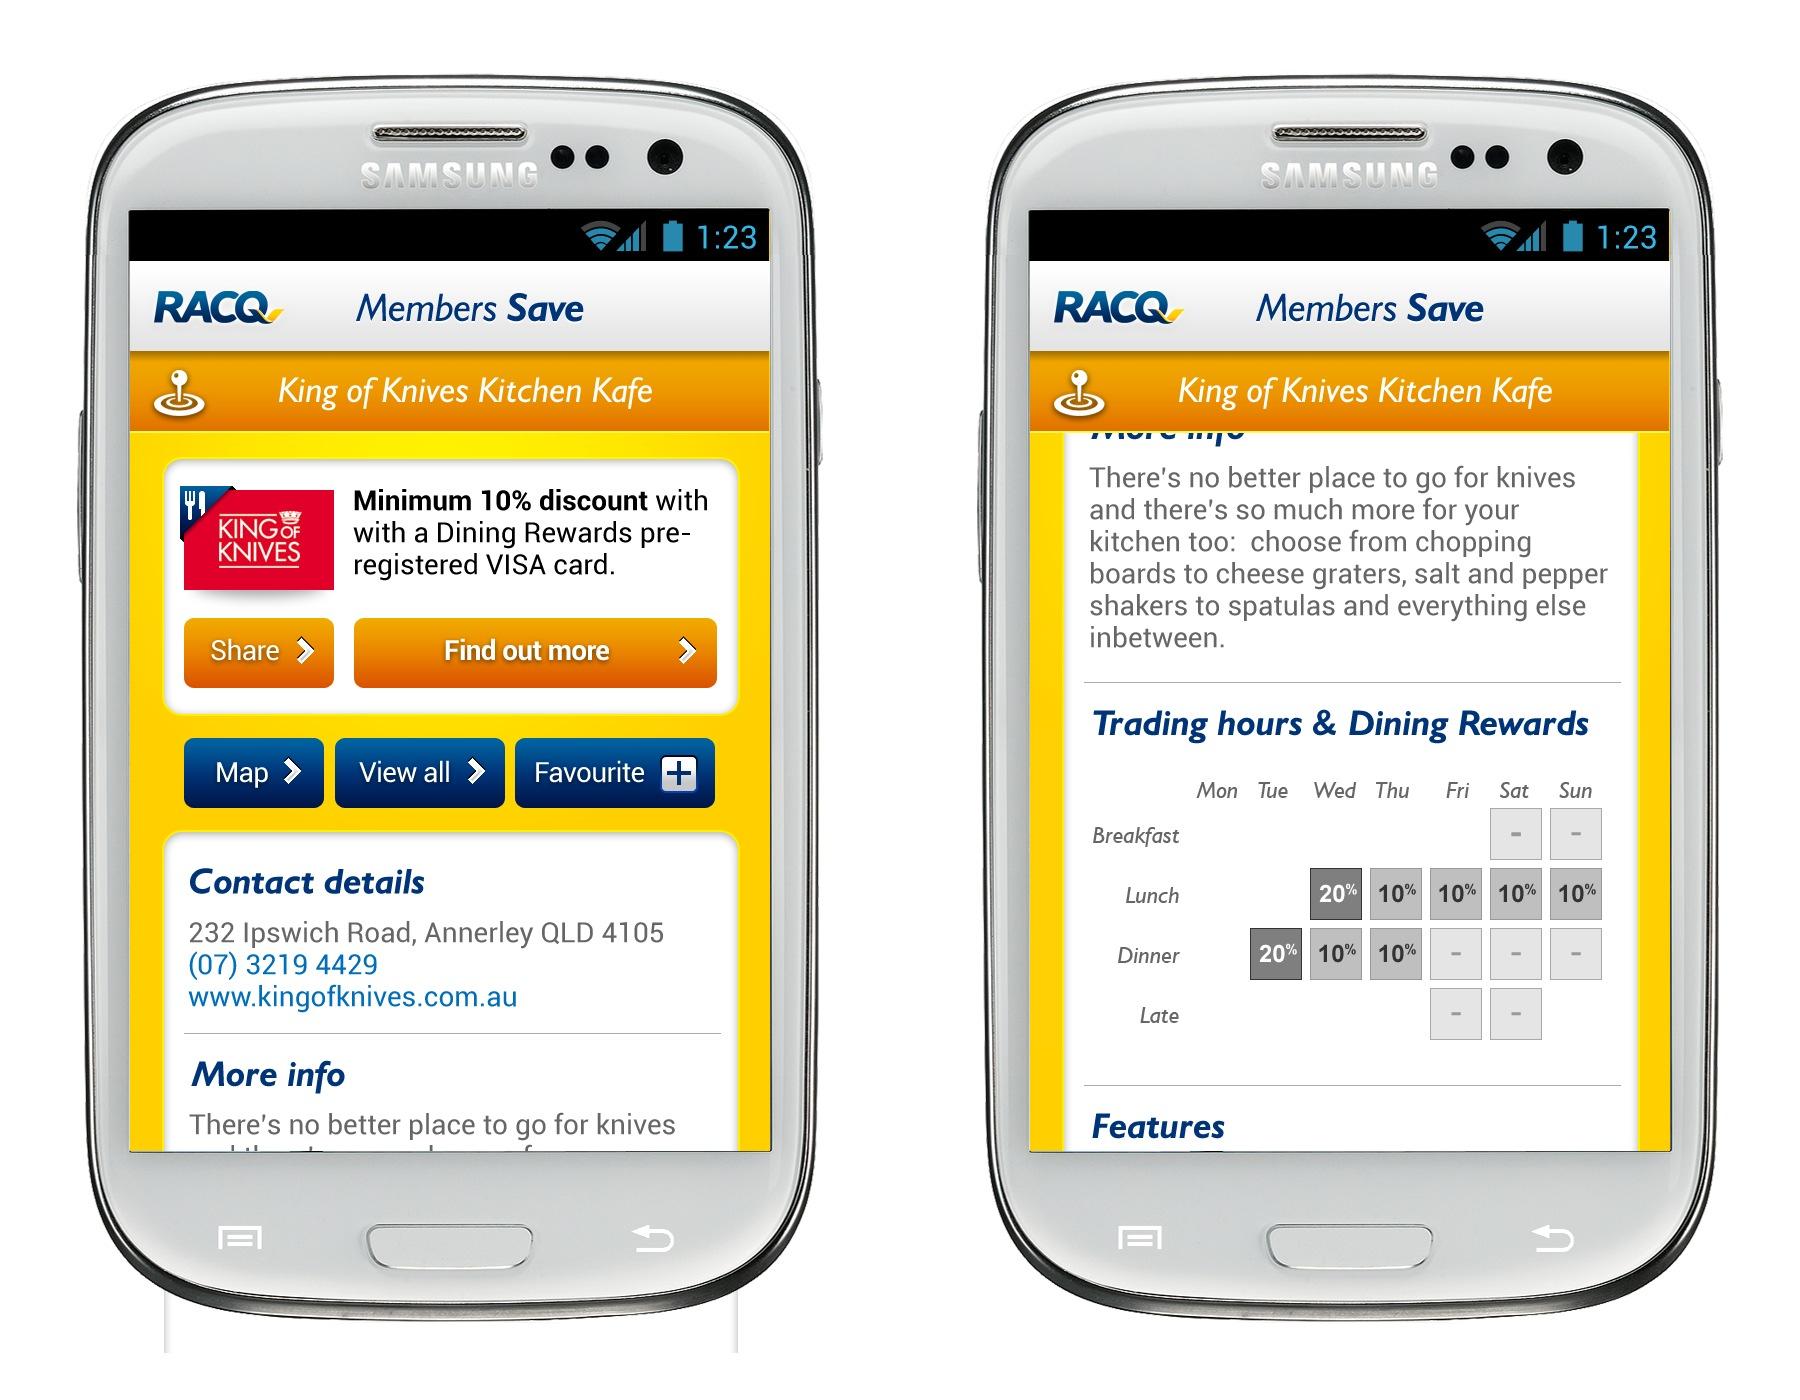 2013-03-Dining-rewards-mobile-app-UI-member-save-android-v01-03.jpg